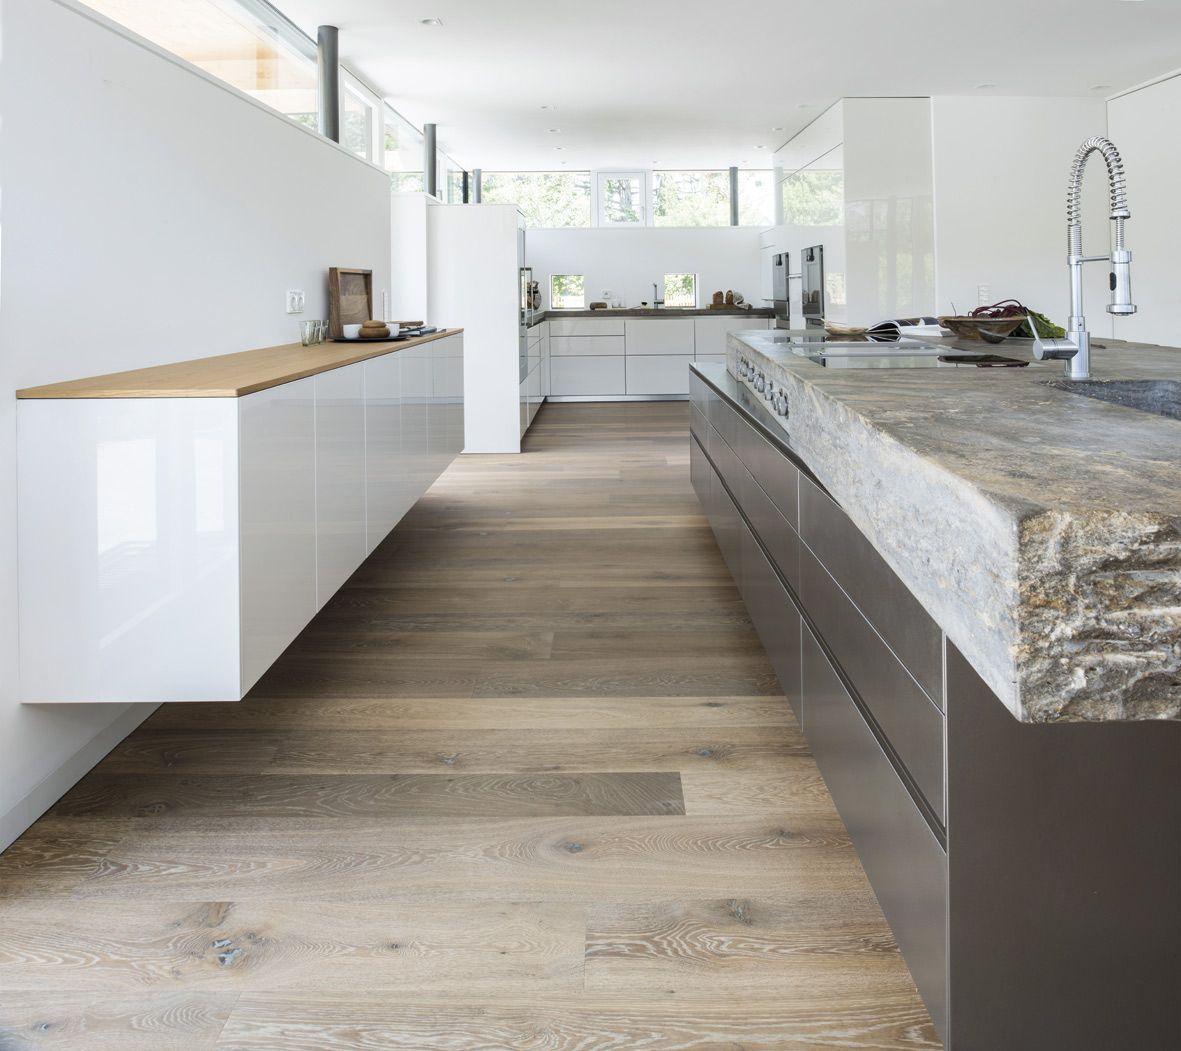 Küche Architektur minimalismus und sinnlichkeit sind die gestaltungsidee dieser